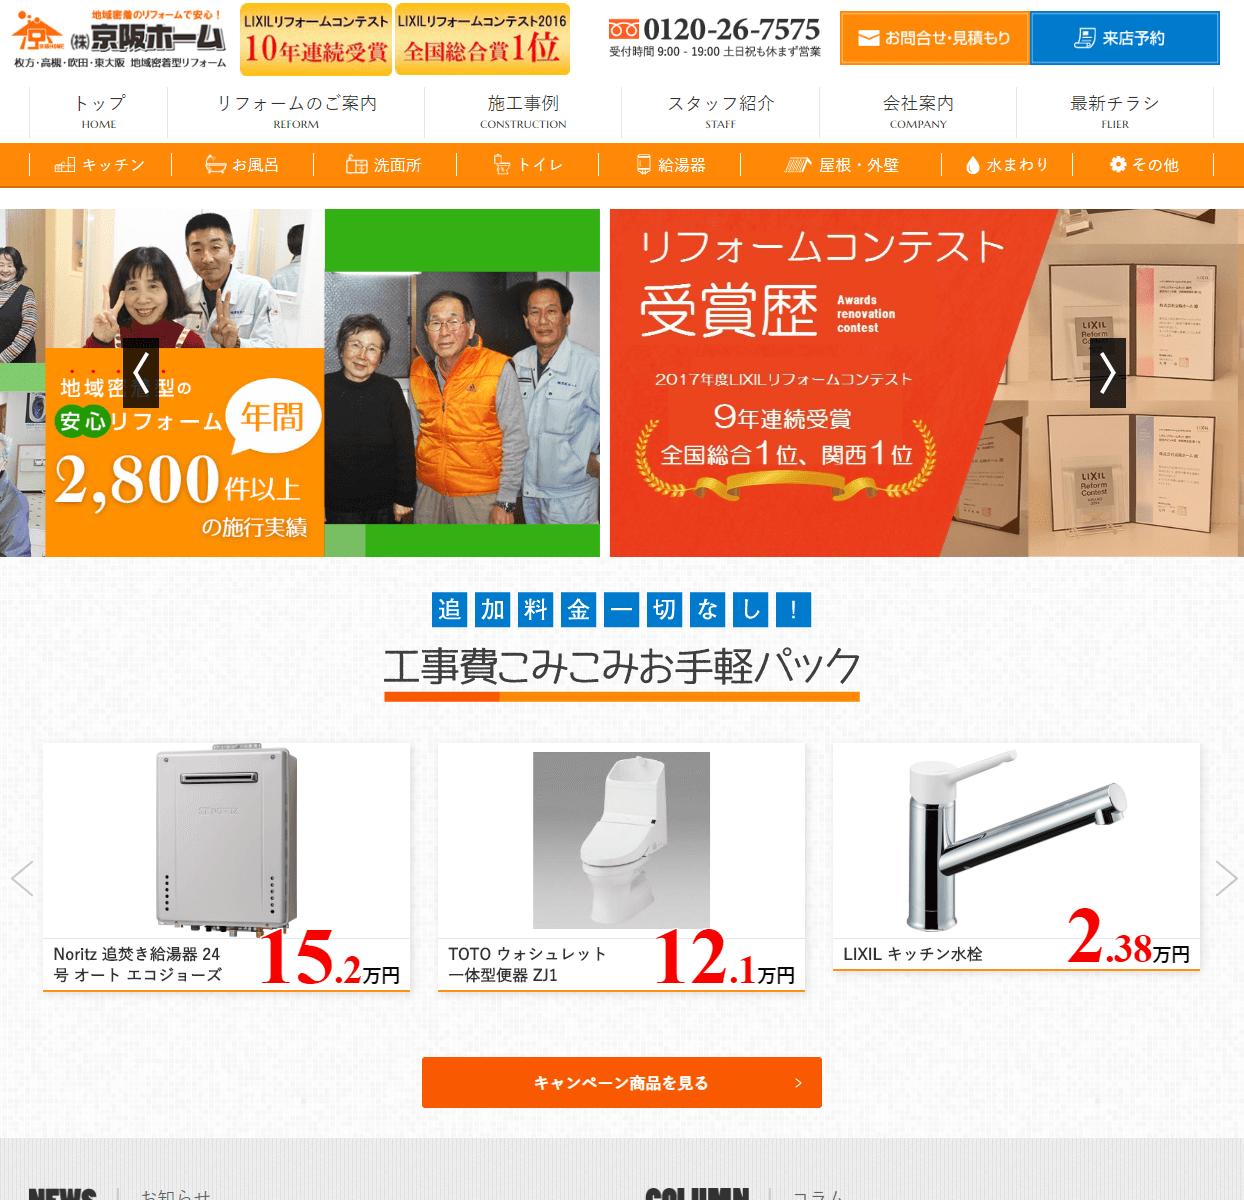 株式会社京阪ホームの口コミや評判